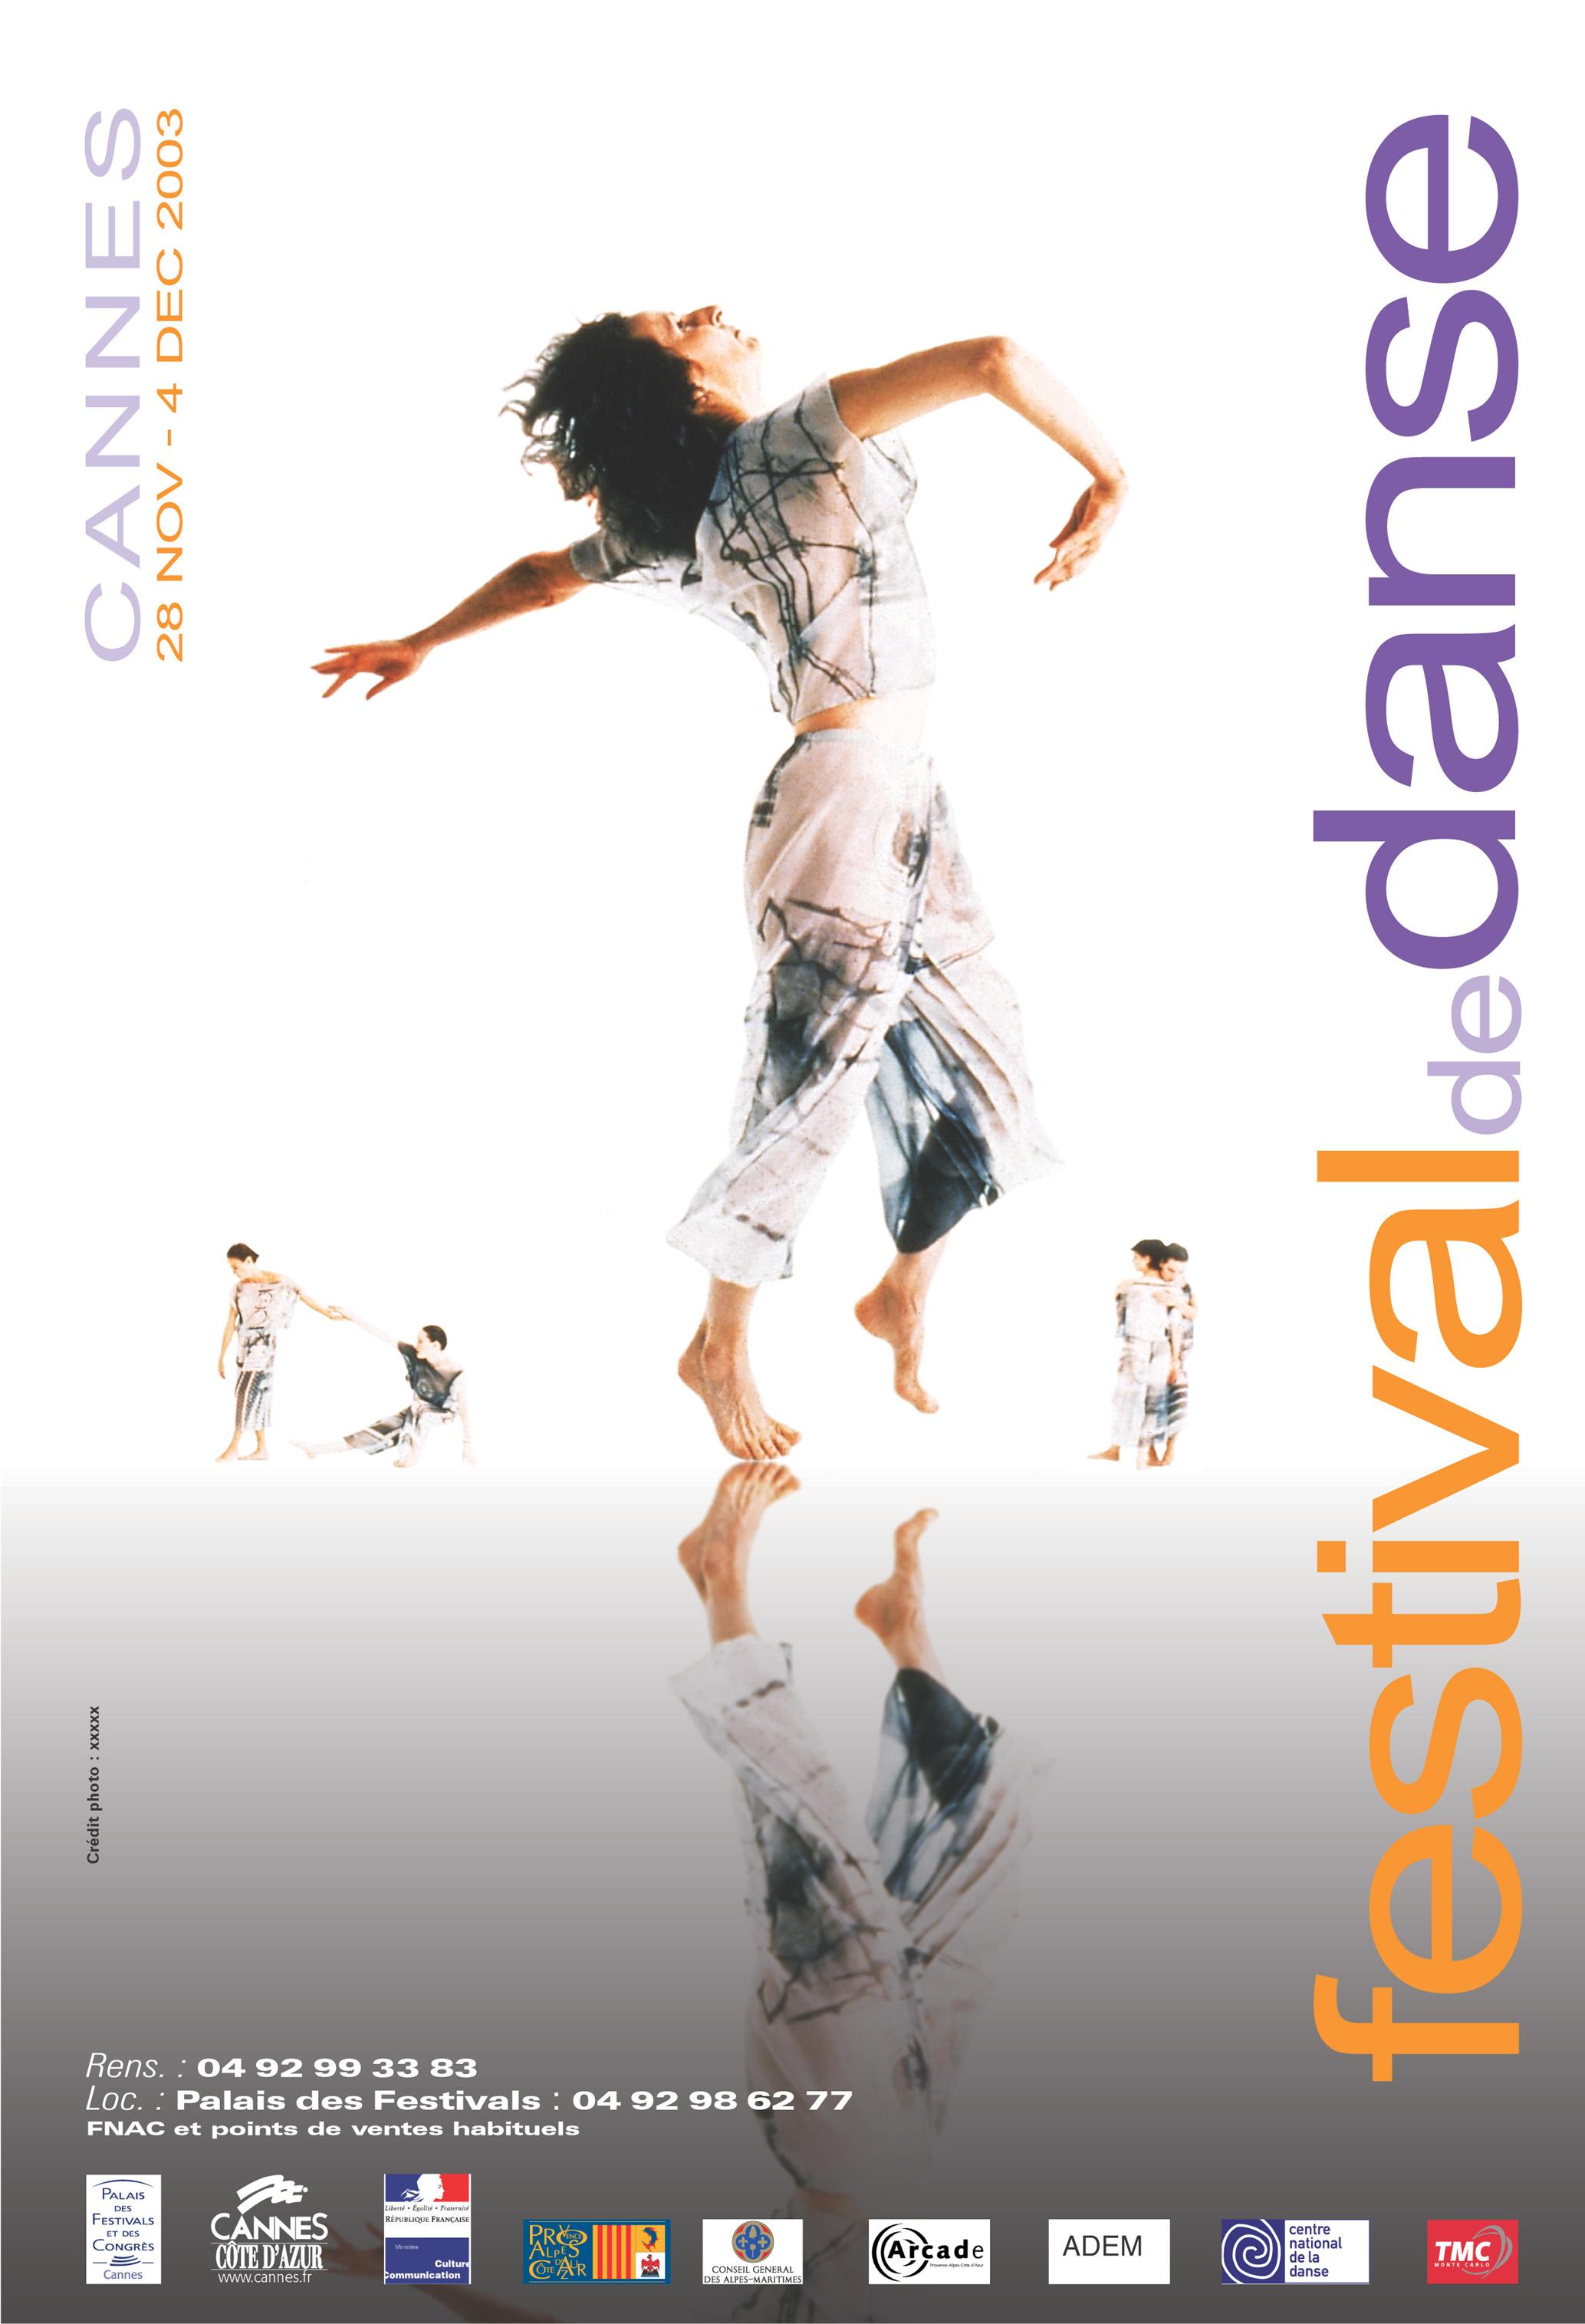 Festival de Danse Cannes 2003